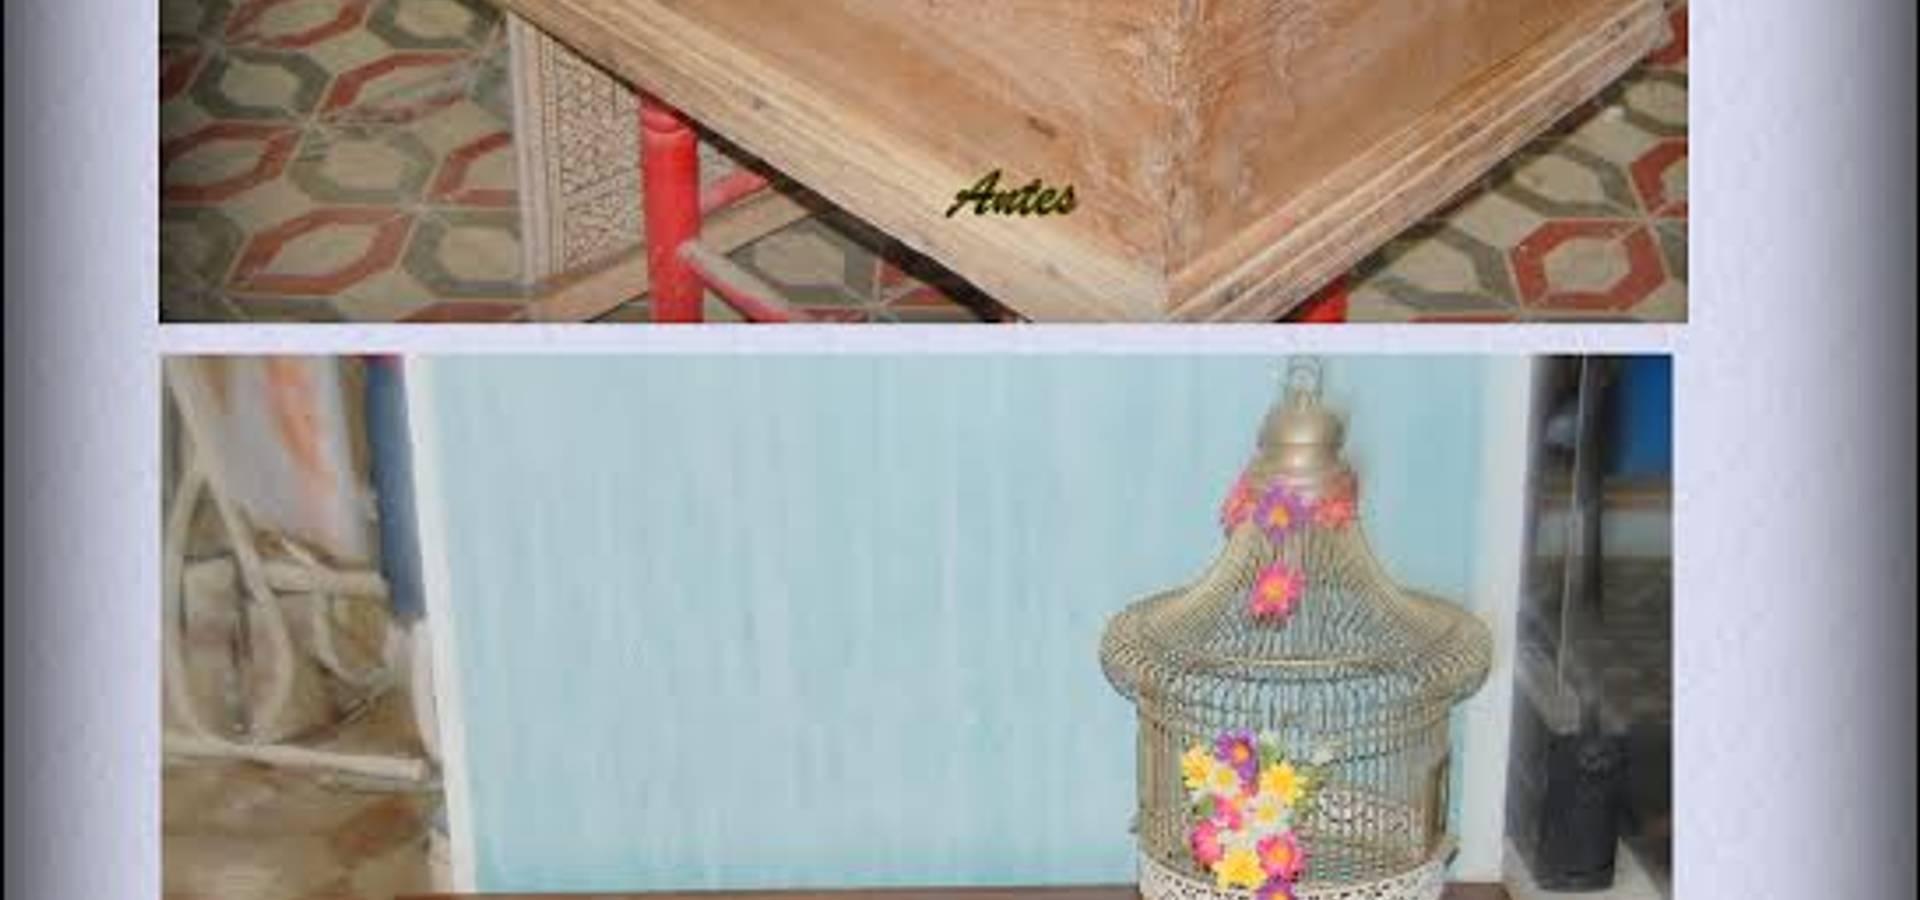 Muebles Reciclados Albentosa De Muebles Reciclados Albentosa Homify # Muebles Reiclados